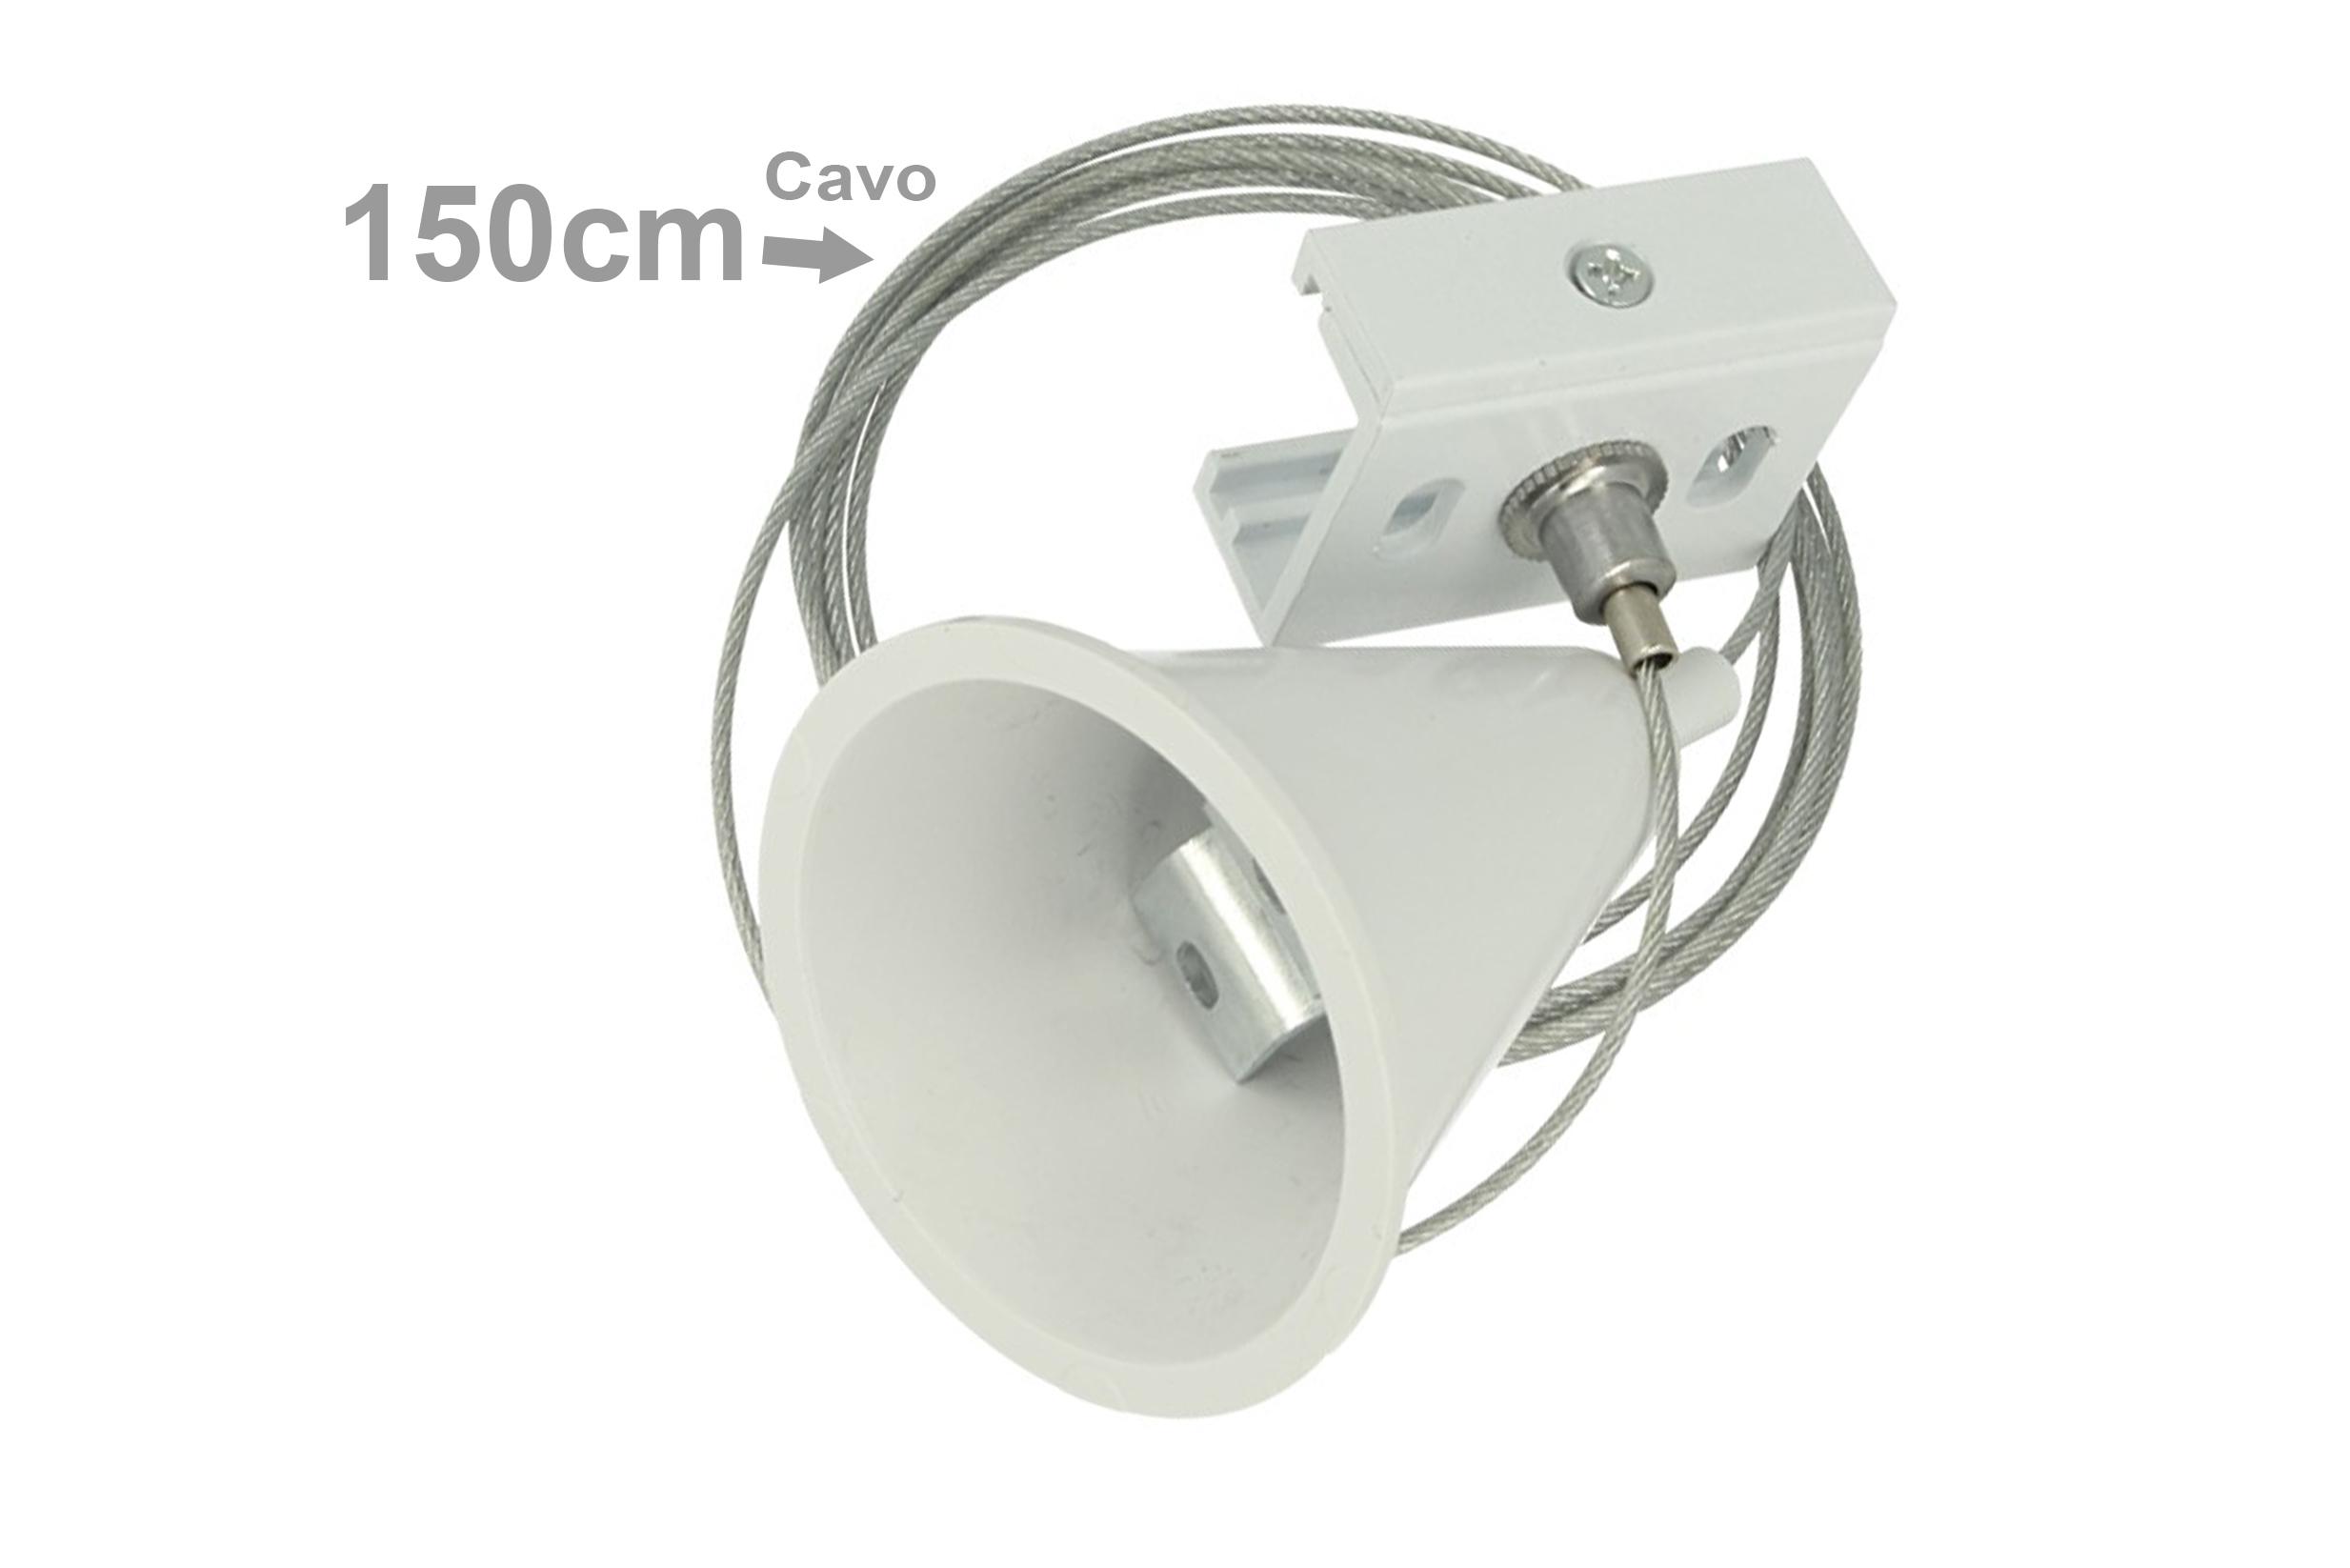 Kit Cavo Sospensione Per Binario Trifase Colore Bianco Filo Da 150cm Per Un Lato CB40103 - PZ